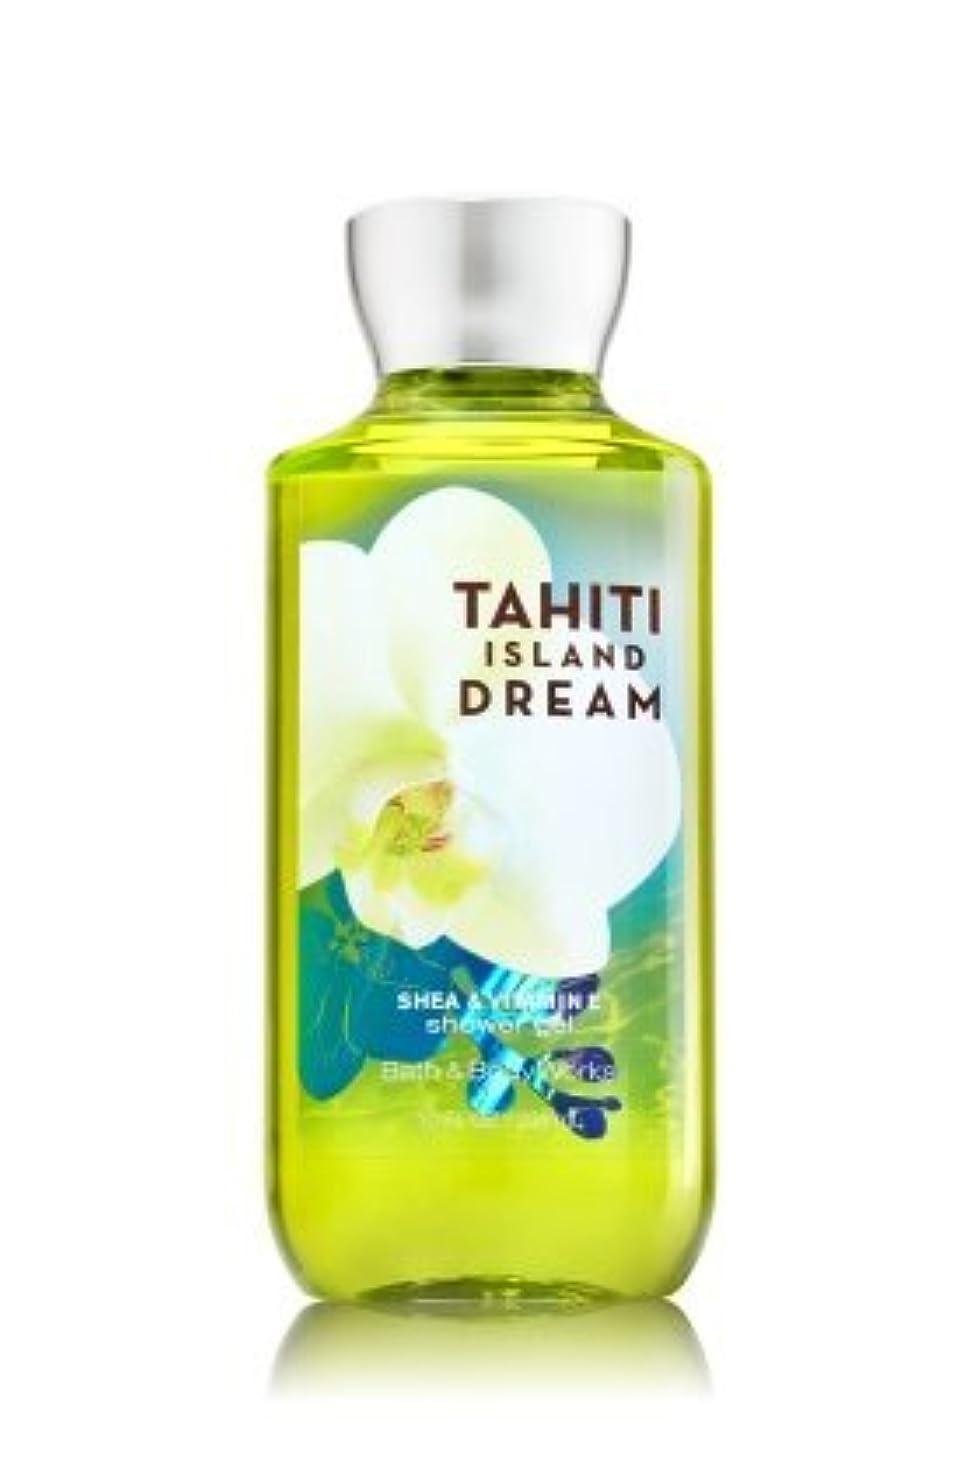 スコアプール遵守する【Bath&Body Works/バス&ボディワークス】 シャワージェル タヒチアイランドドリーム Shower Gel Tahiti Island Dream 10 fl oz / 295 mL [並行輸入品]